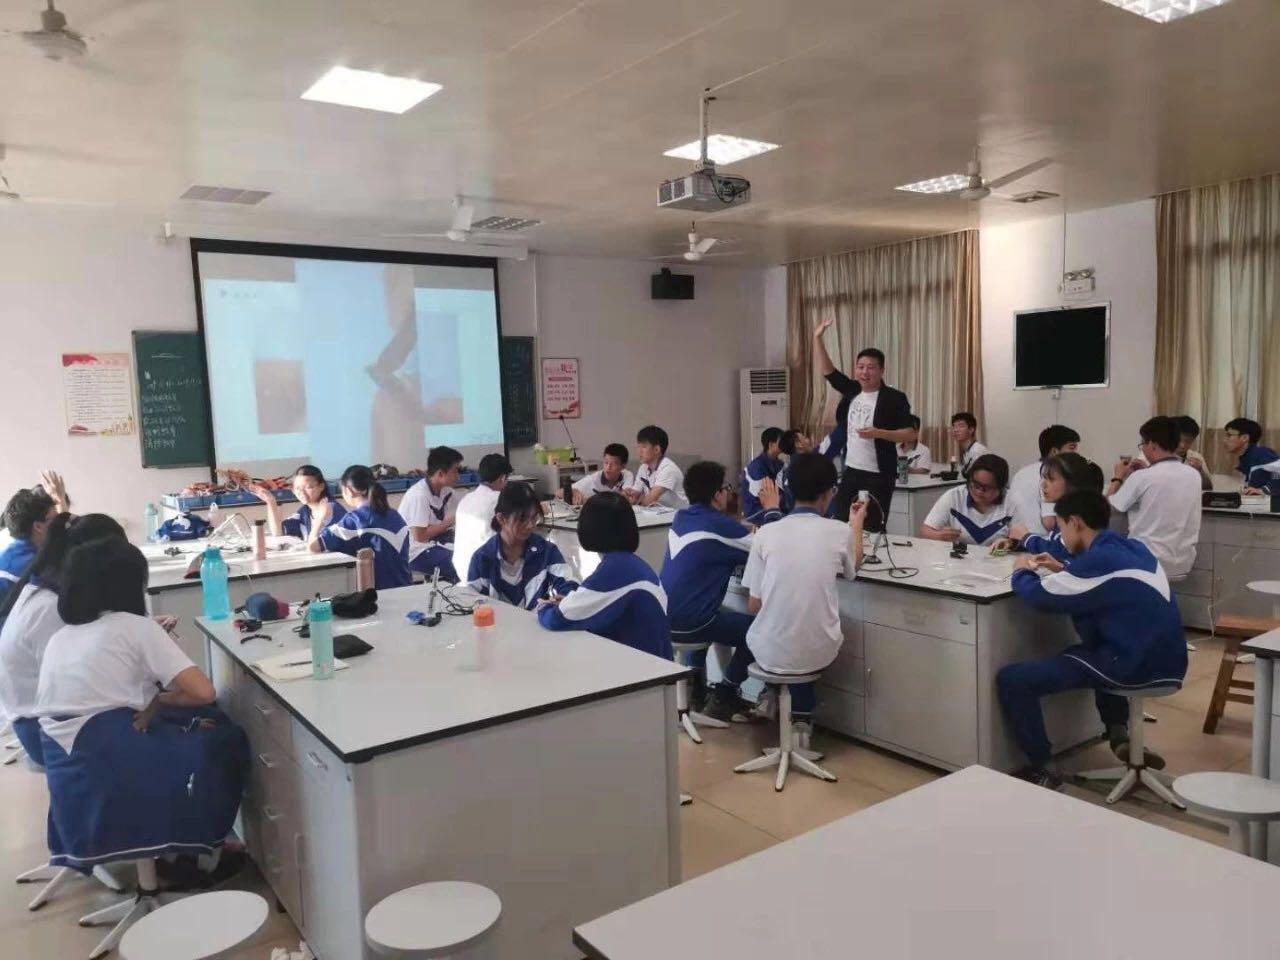 南方科技大学教育集团南山第二实验学校王旭阳讲授综合实践活动课程——制造智能控制板